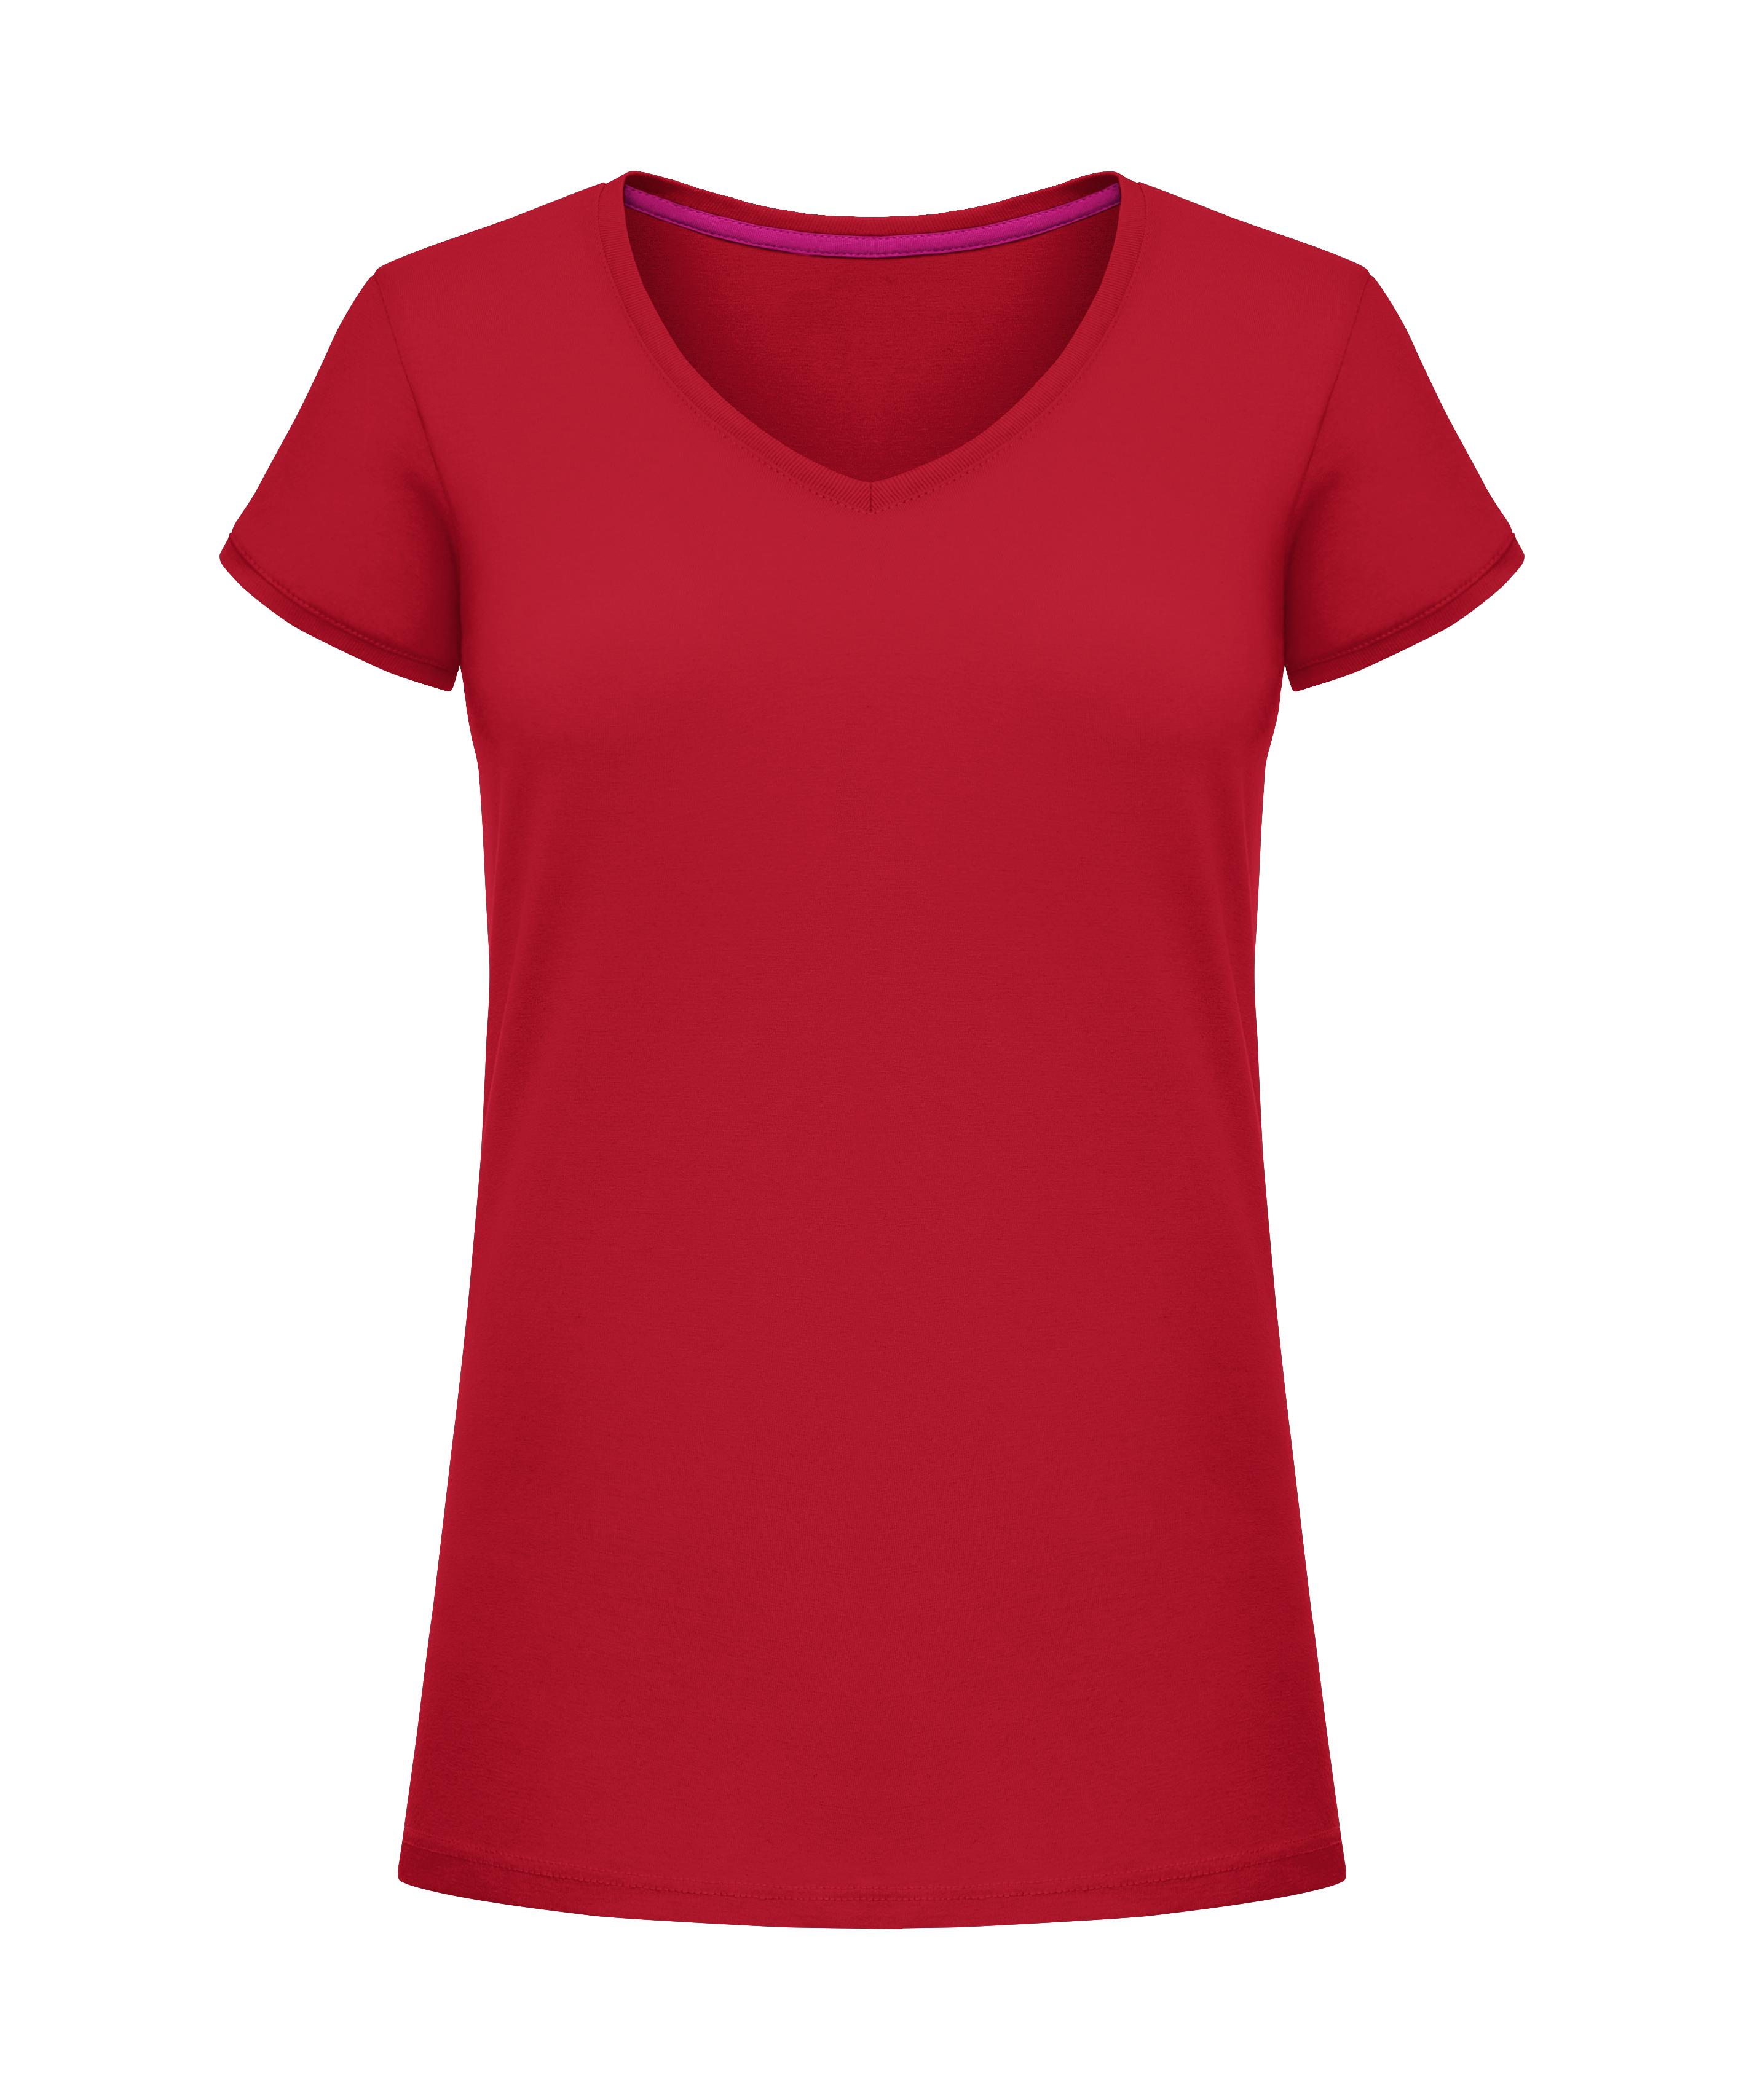 Shirttuning